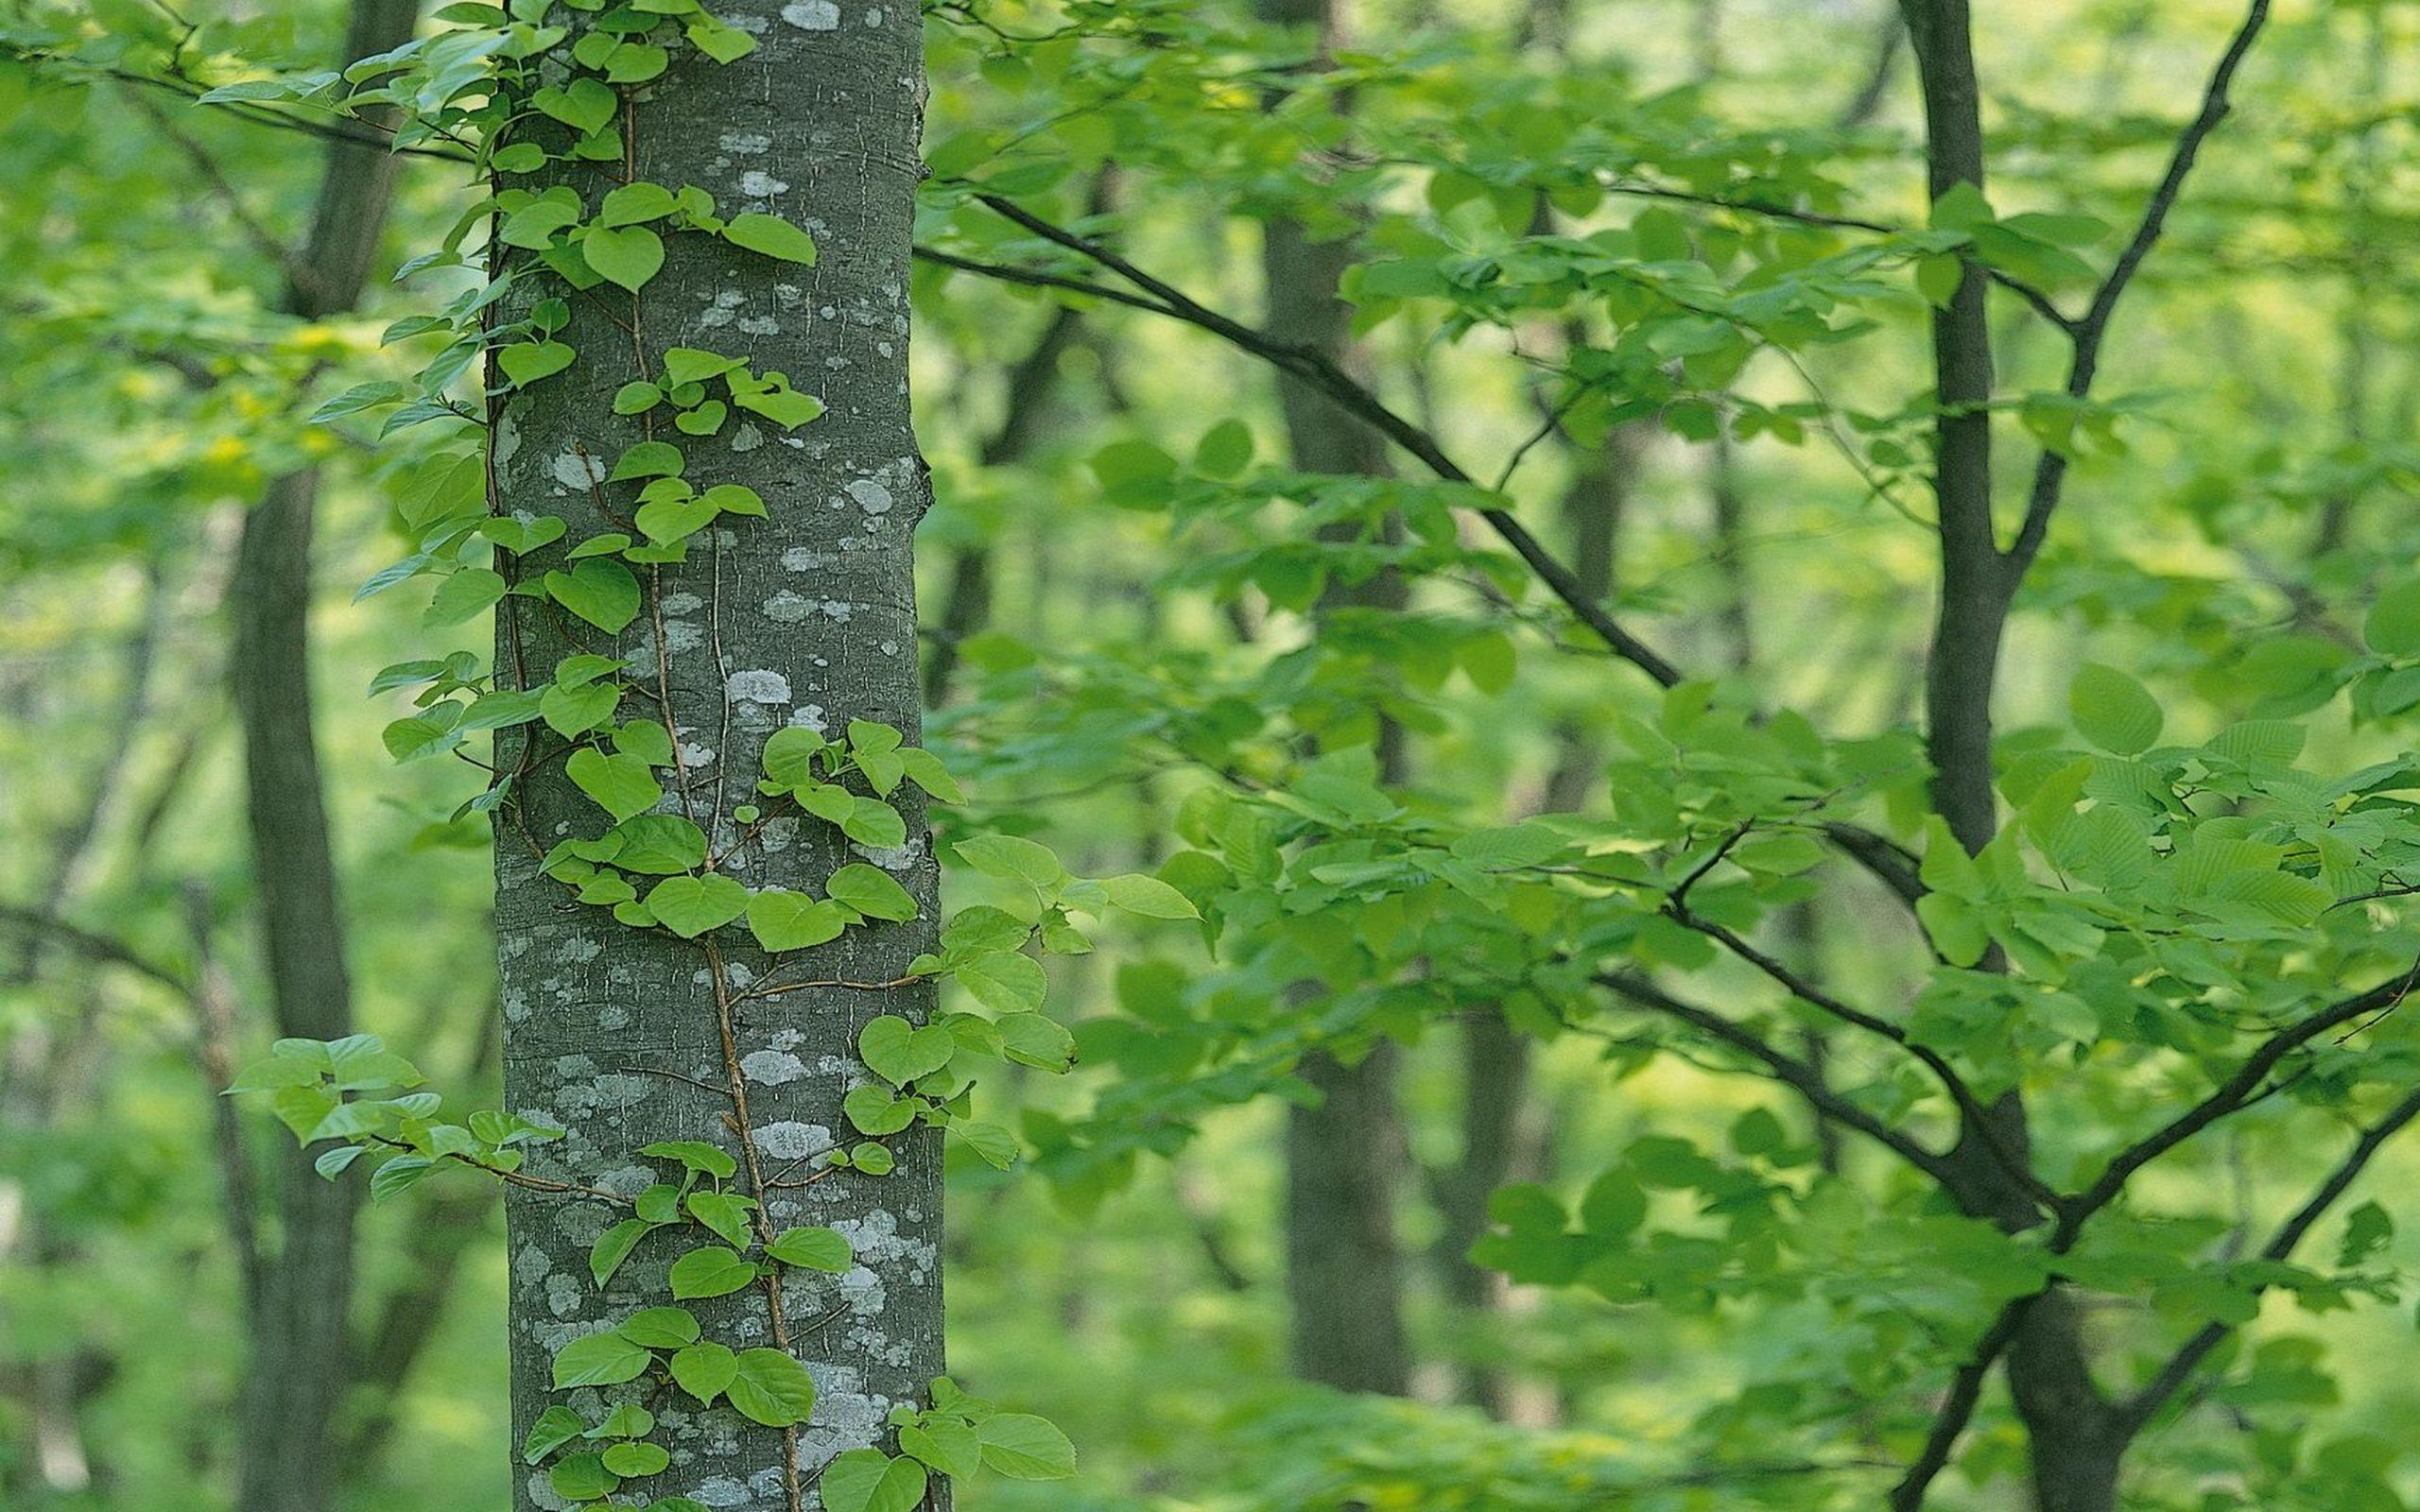 Green Tree Wallpaper 4k Hd Wallpaper Background